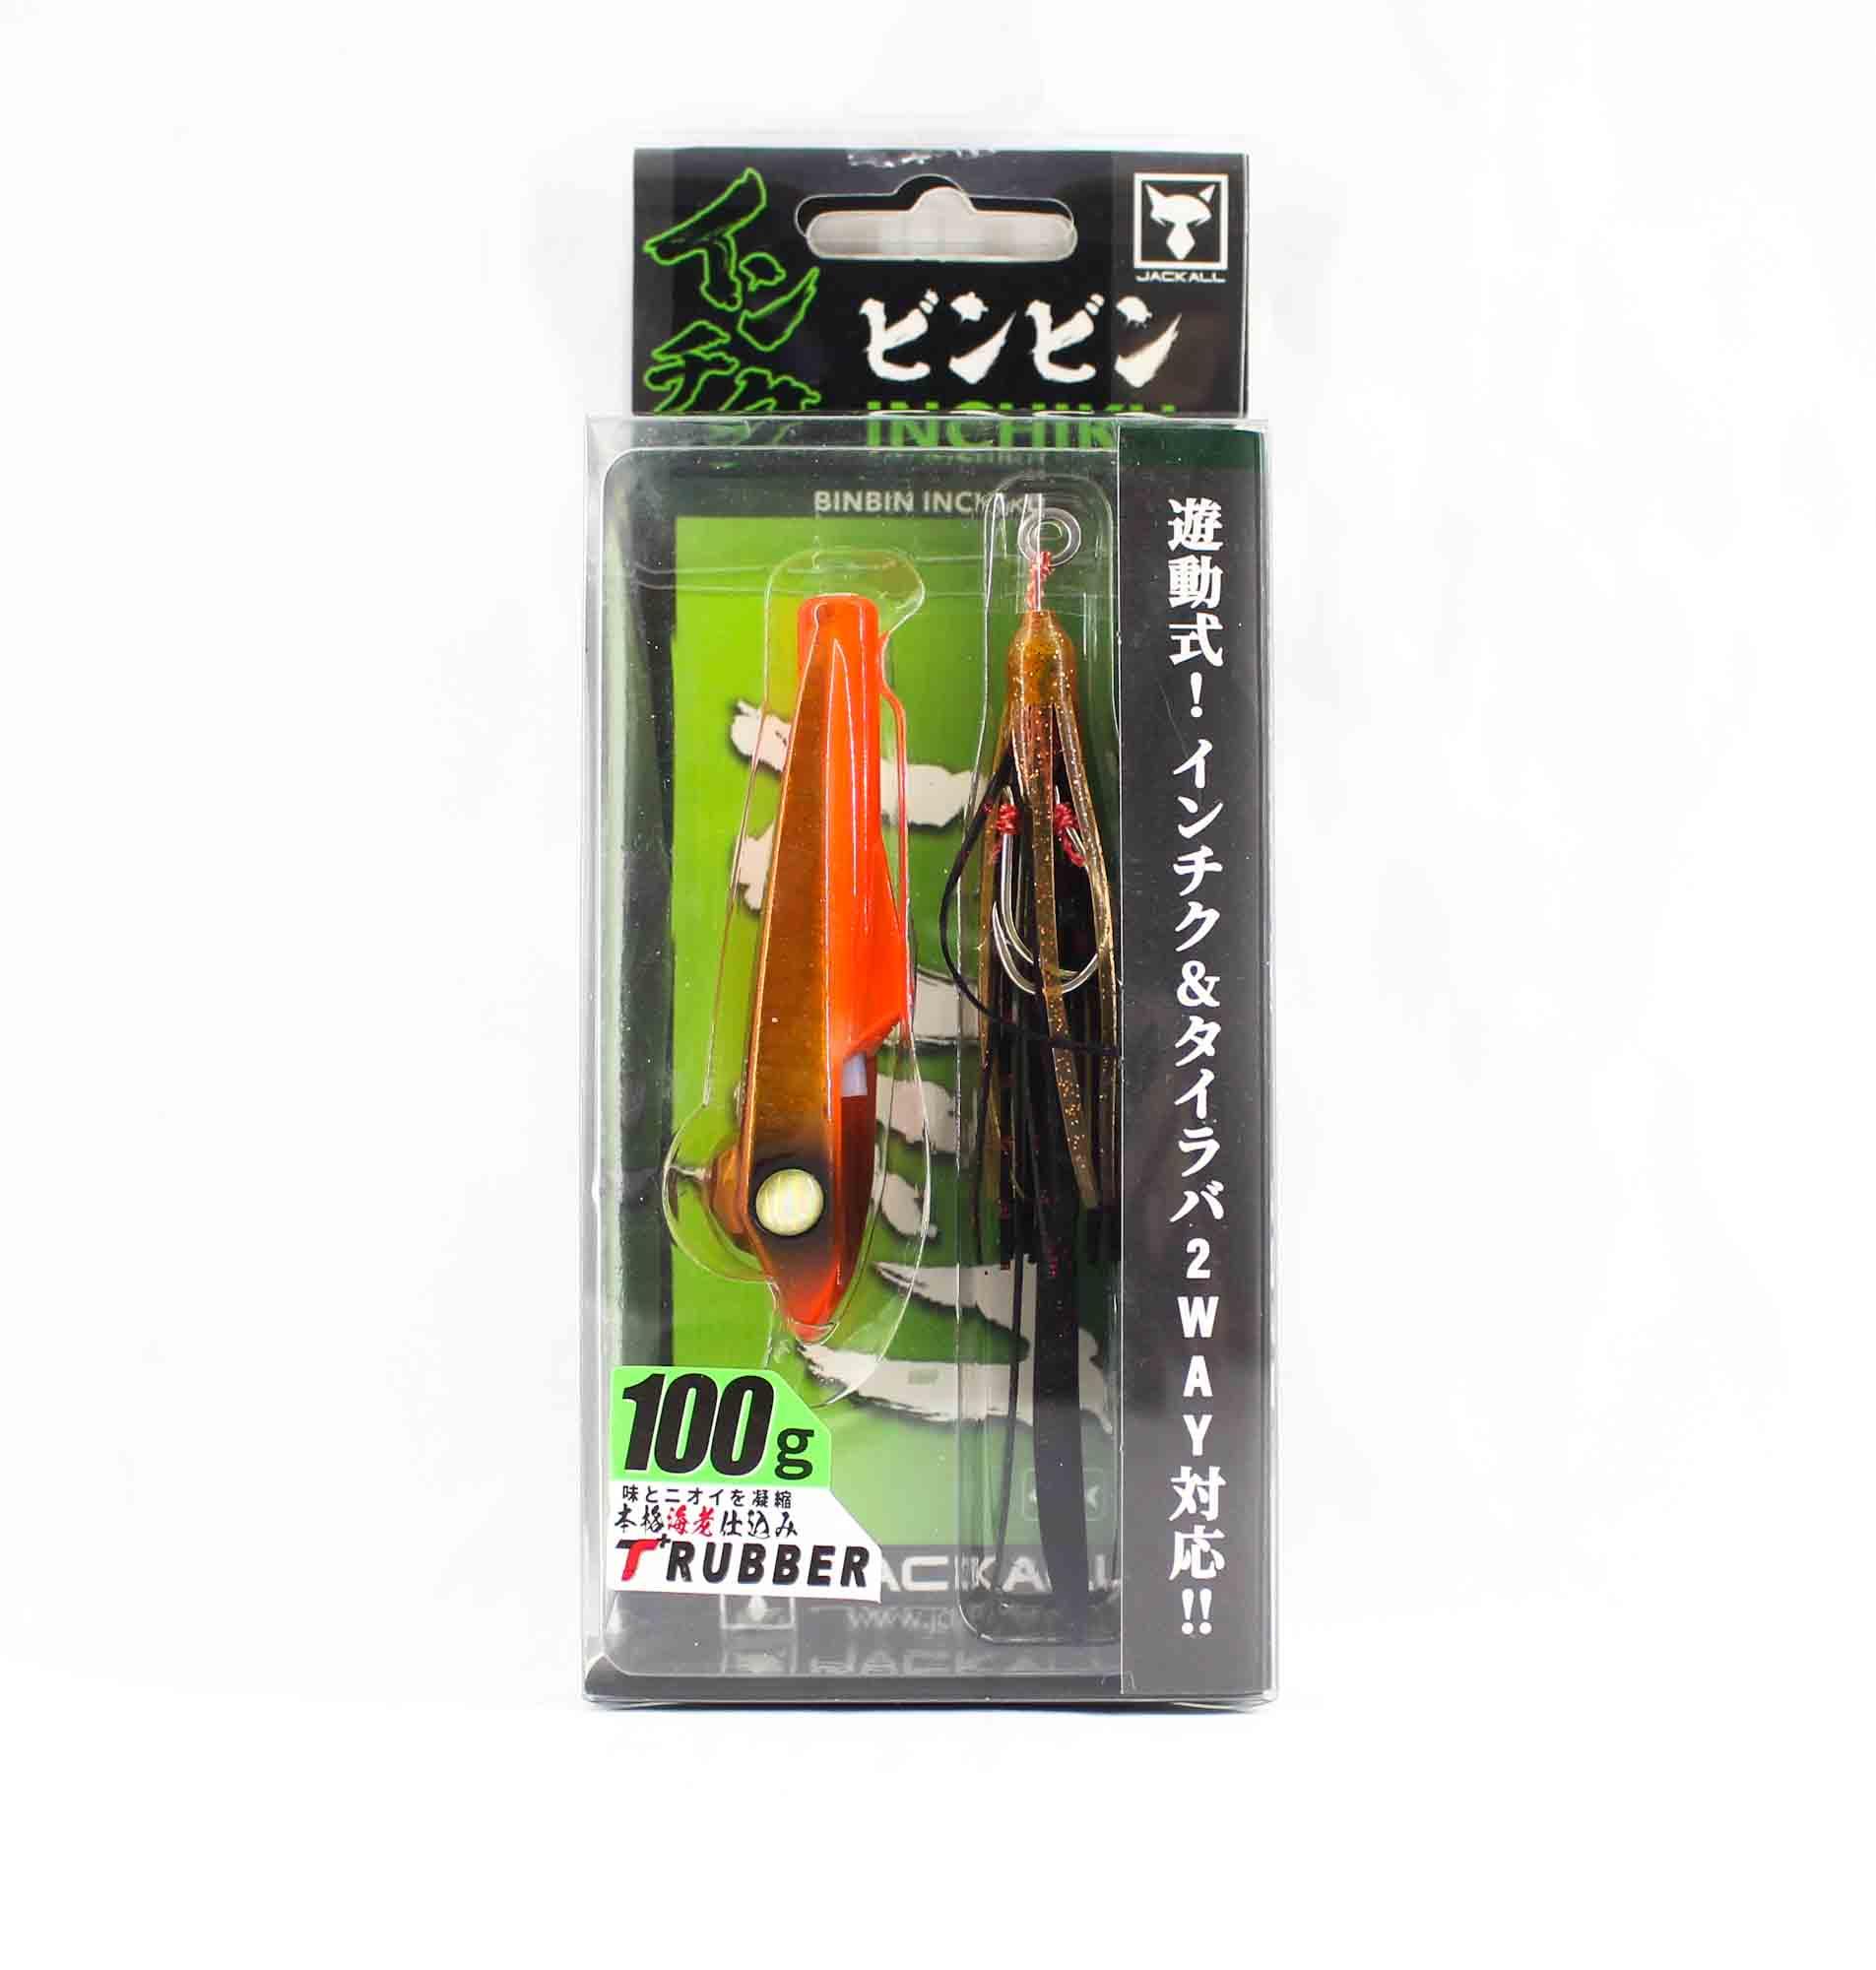 Jackall Bin Bin Inchiku 100 Grams Orange Red (2522)